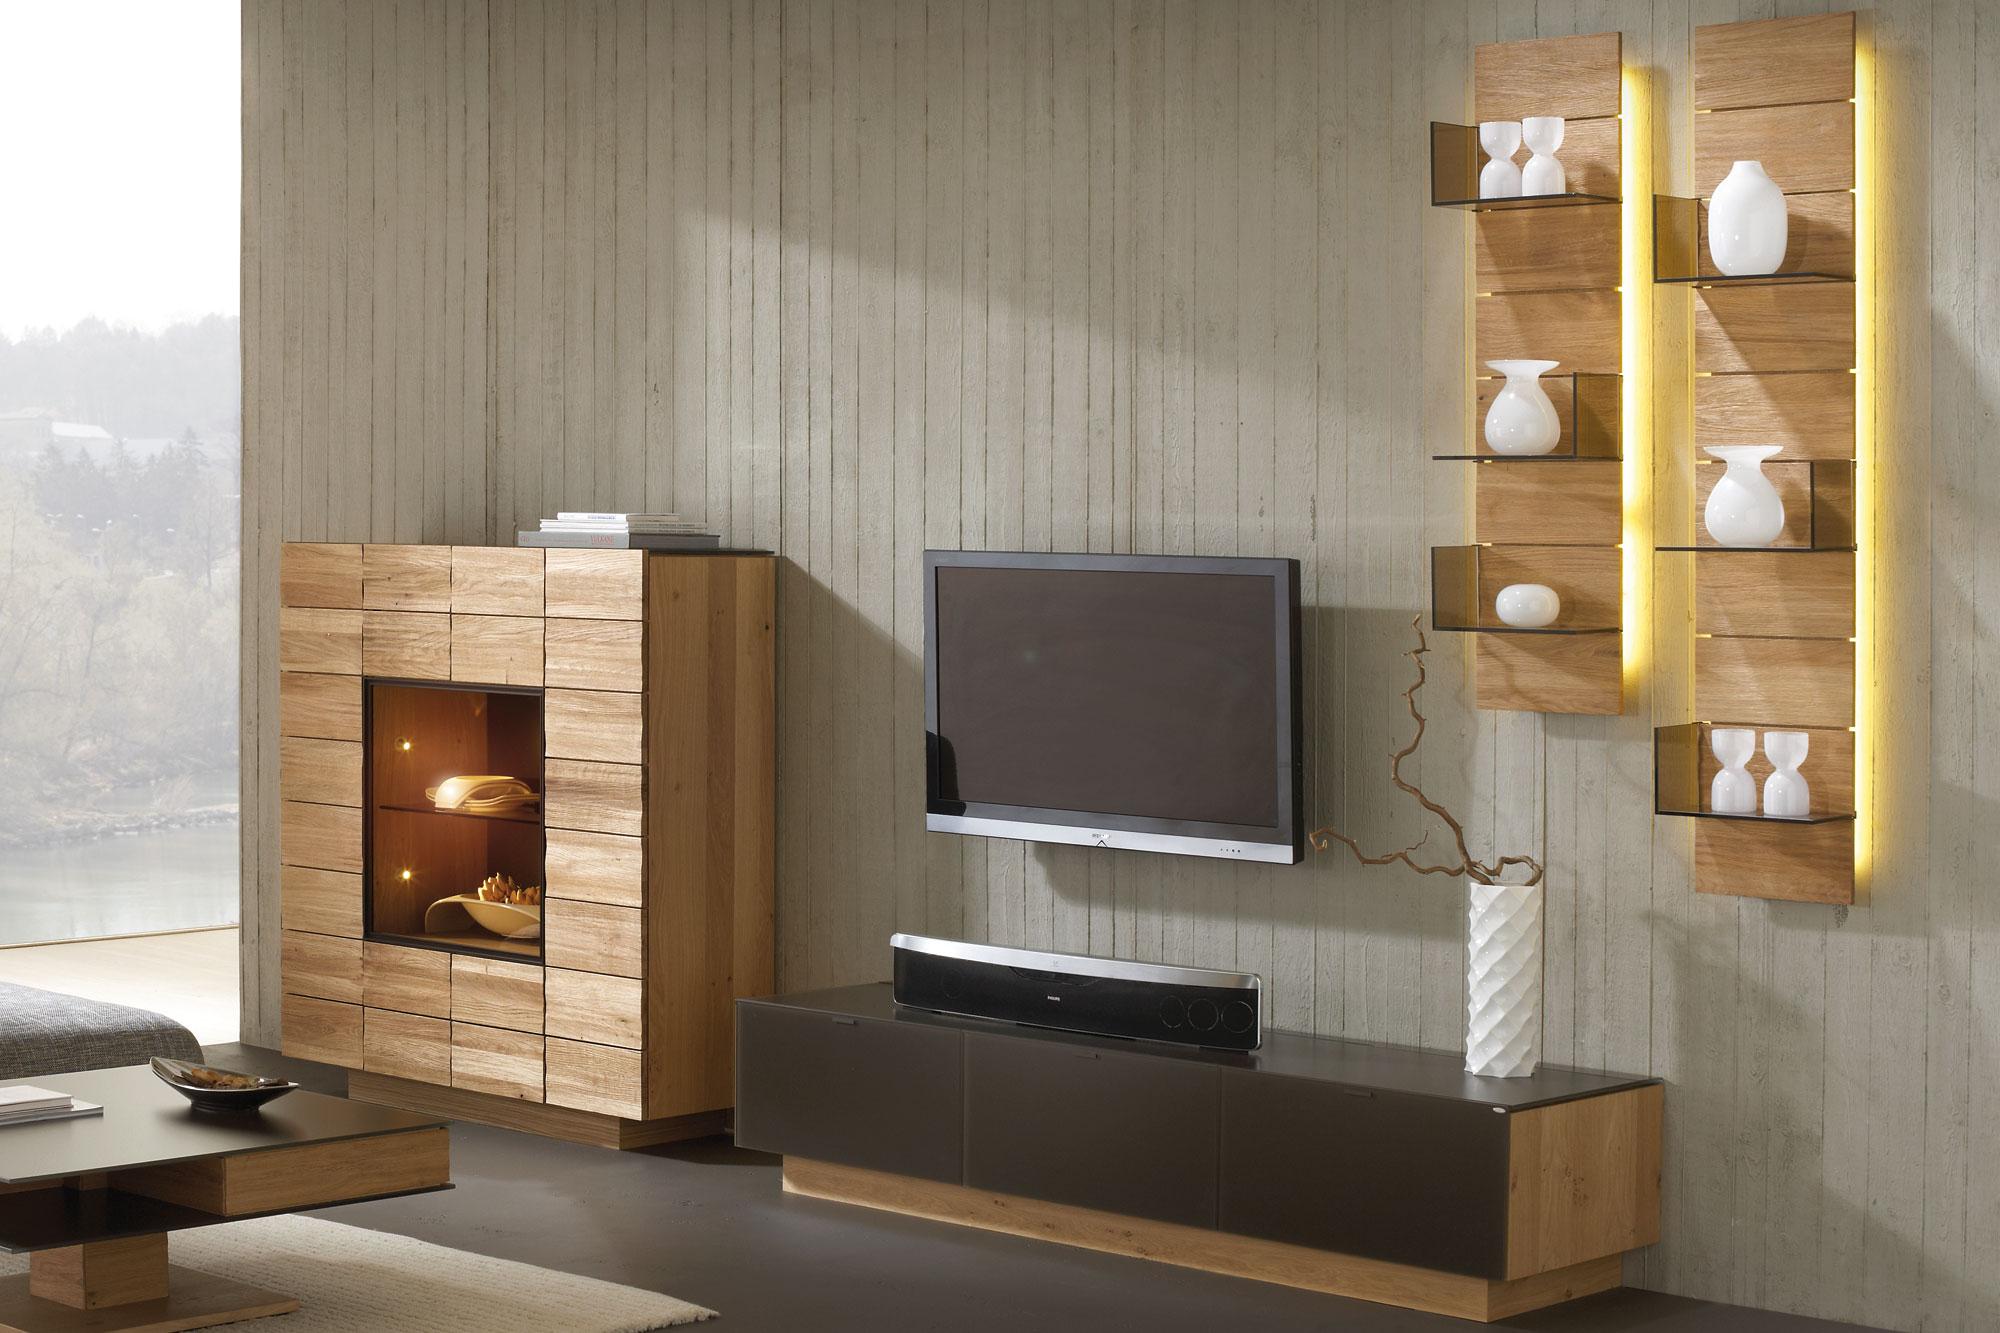 wohnwand v montana 285 braun wildeiche von voglauer m bel letz ihr online shop. Black Bedroom Furniture Sets. Home Design Ideas